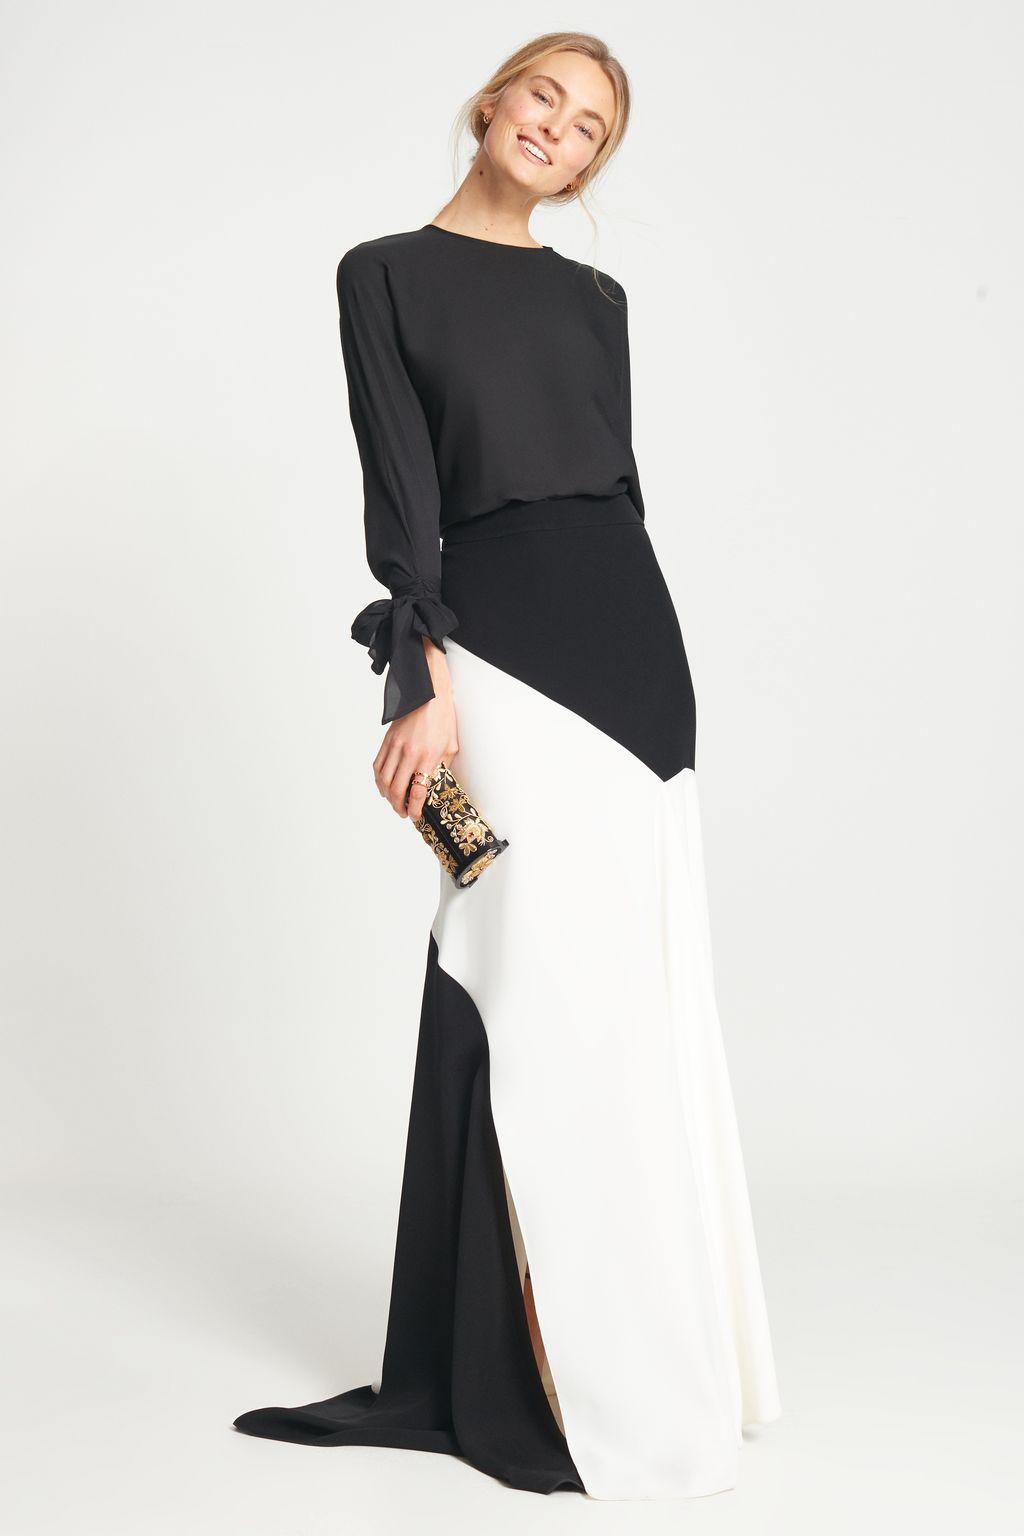 Crepe skirt with godet